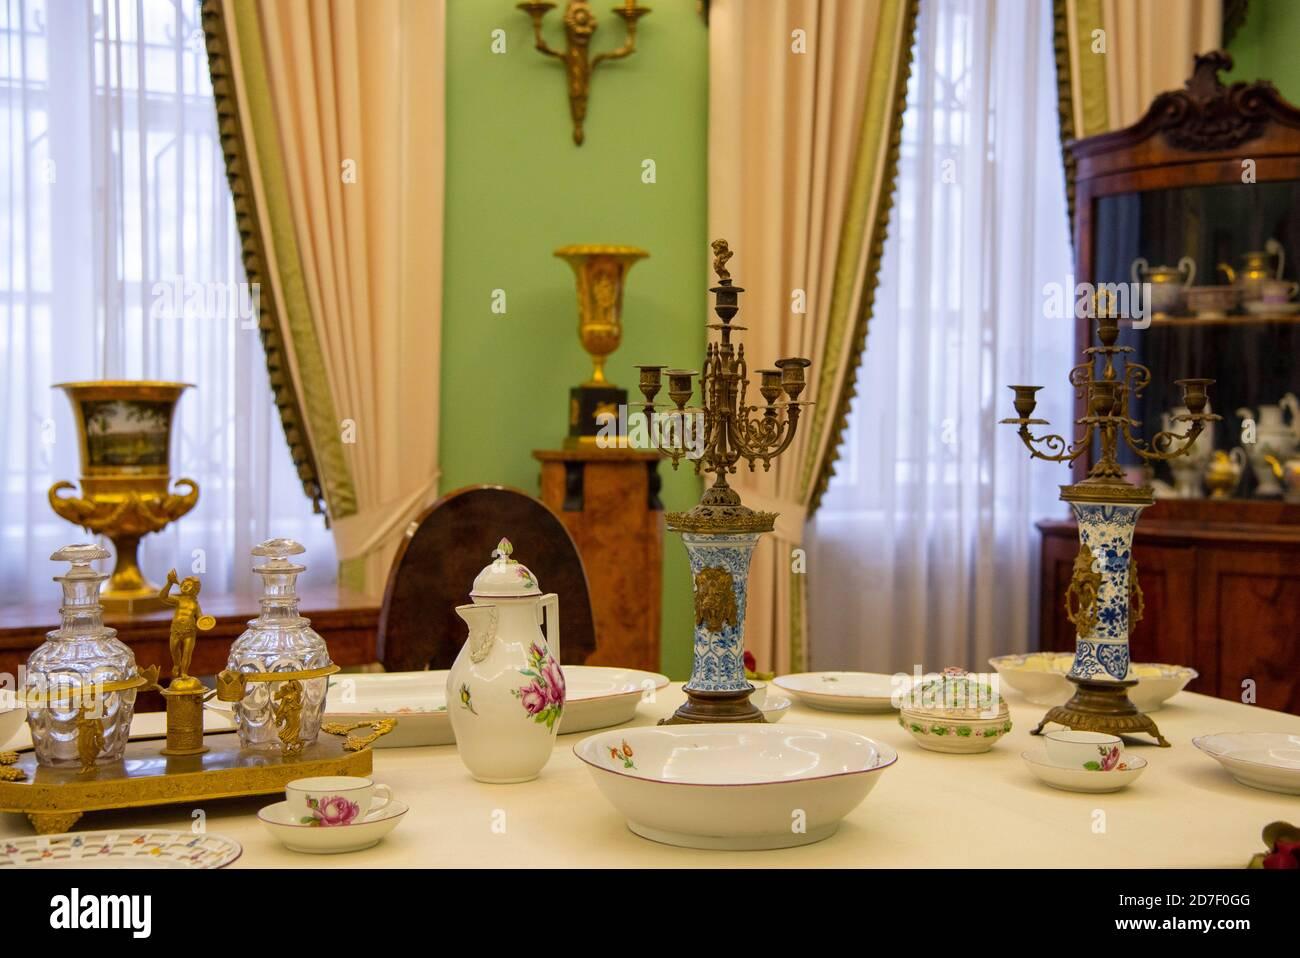 Der Museumsraum im alten GEHÖFT. Wohnzimmer mit einem Tisch für die Ankunft der Gäste. Stockfoto